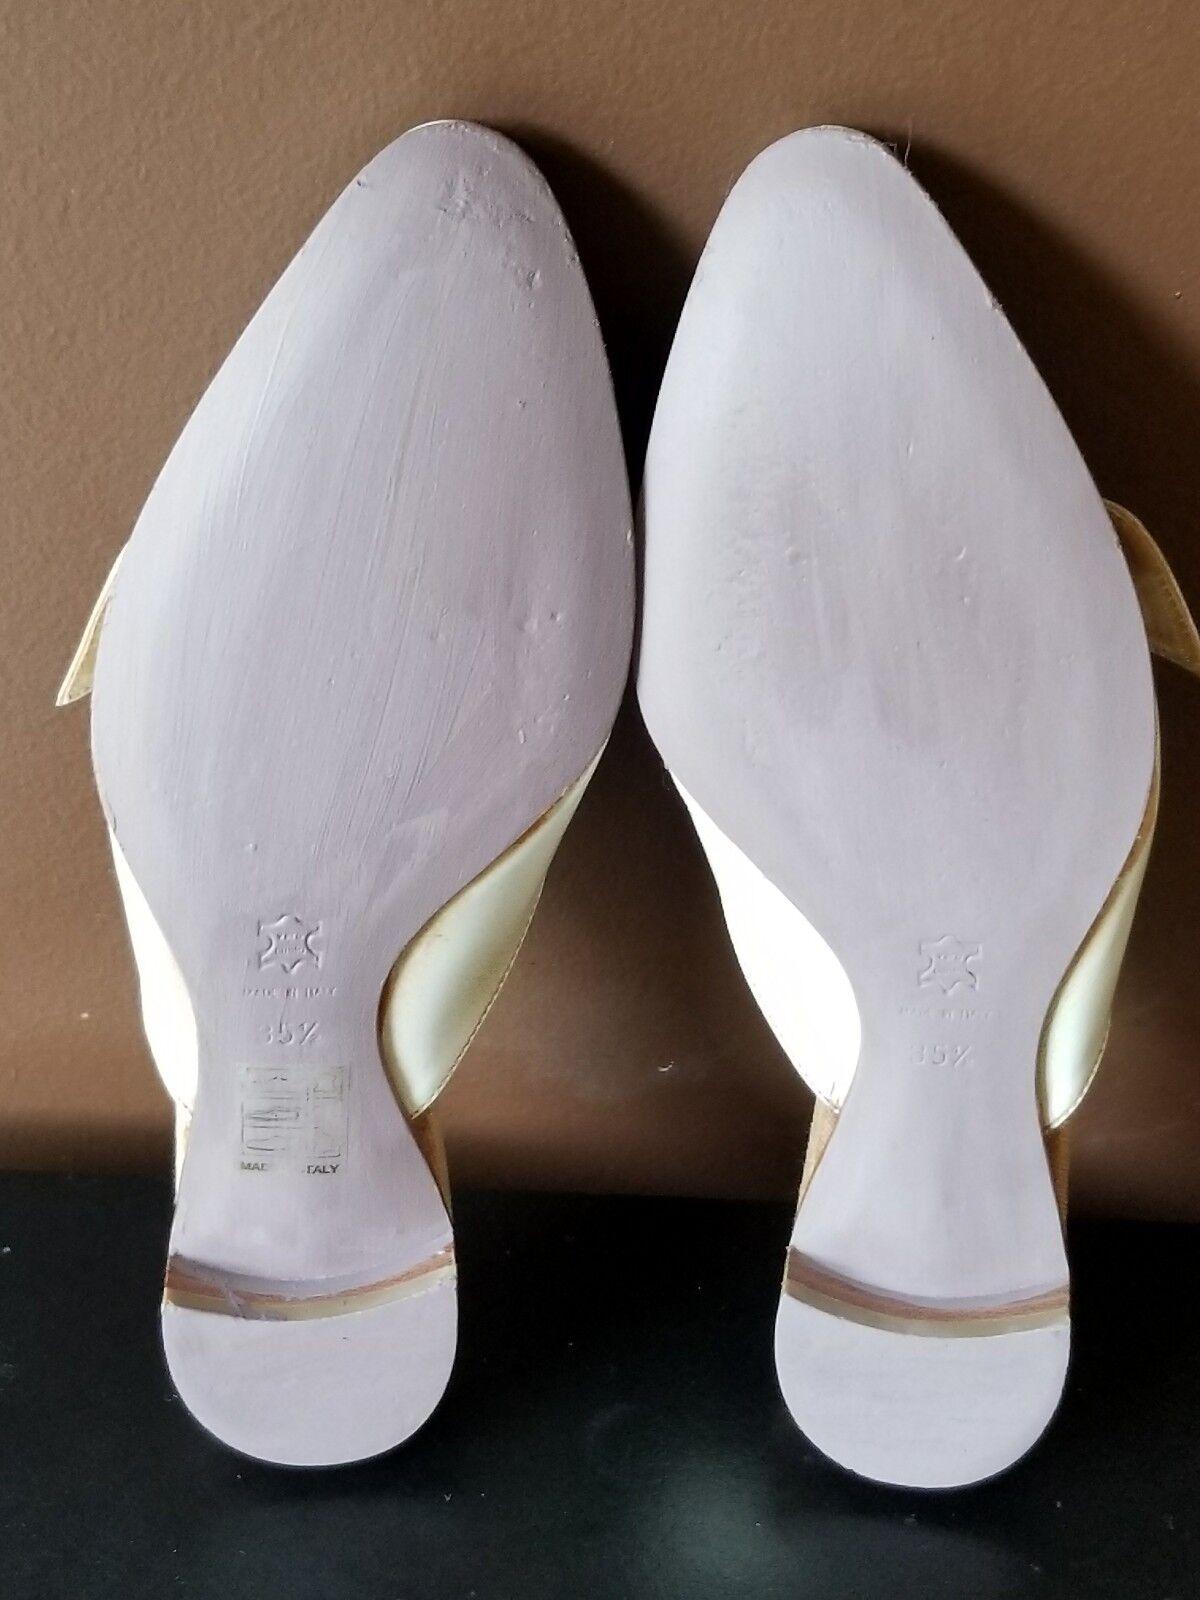 Latitude Femme off white mules, Sz EURO 35.5 (US 5.5) 5.5) 5.5) fa6c5a